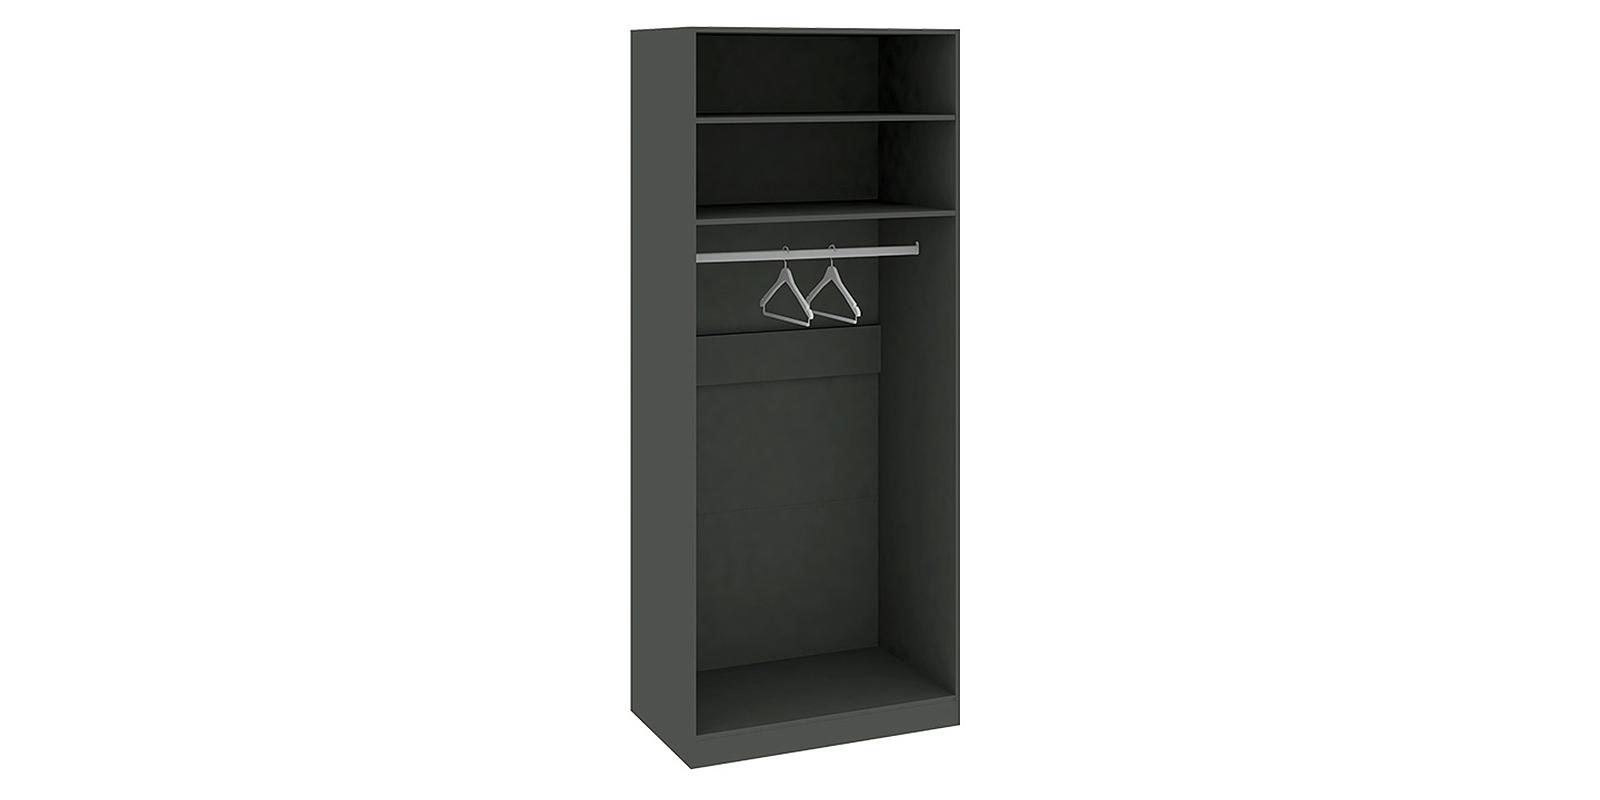 Шкаф распашной двухдверный Сорренто вариант №3 (коричневый/зеркальный)